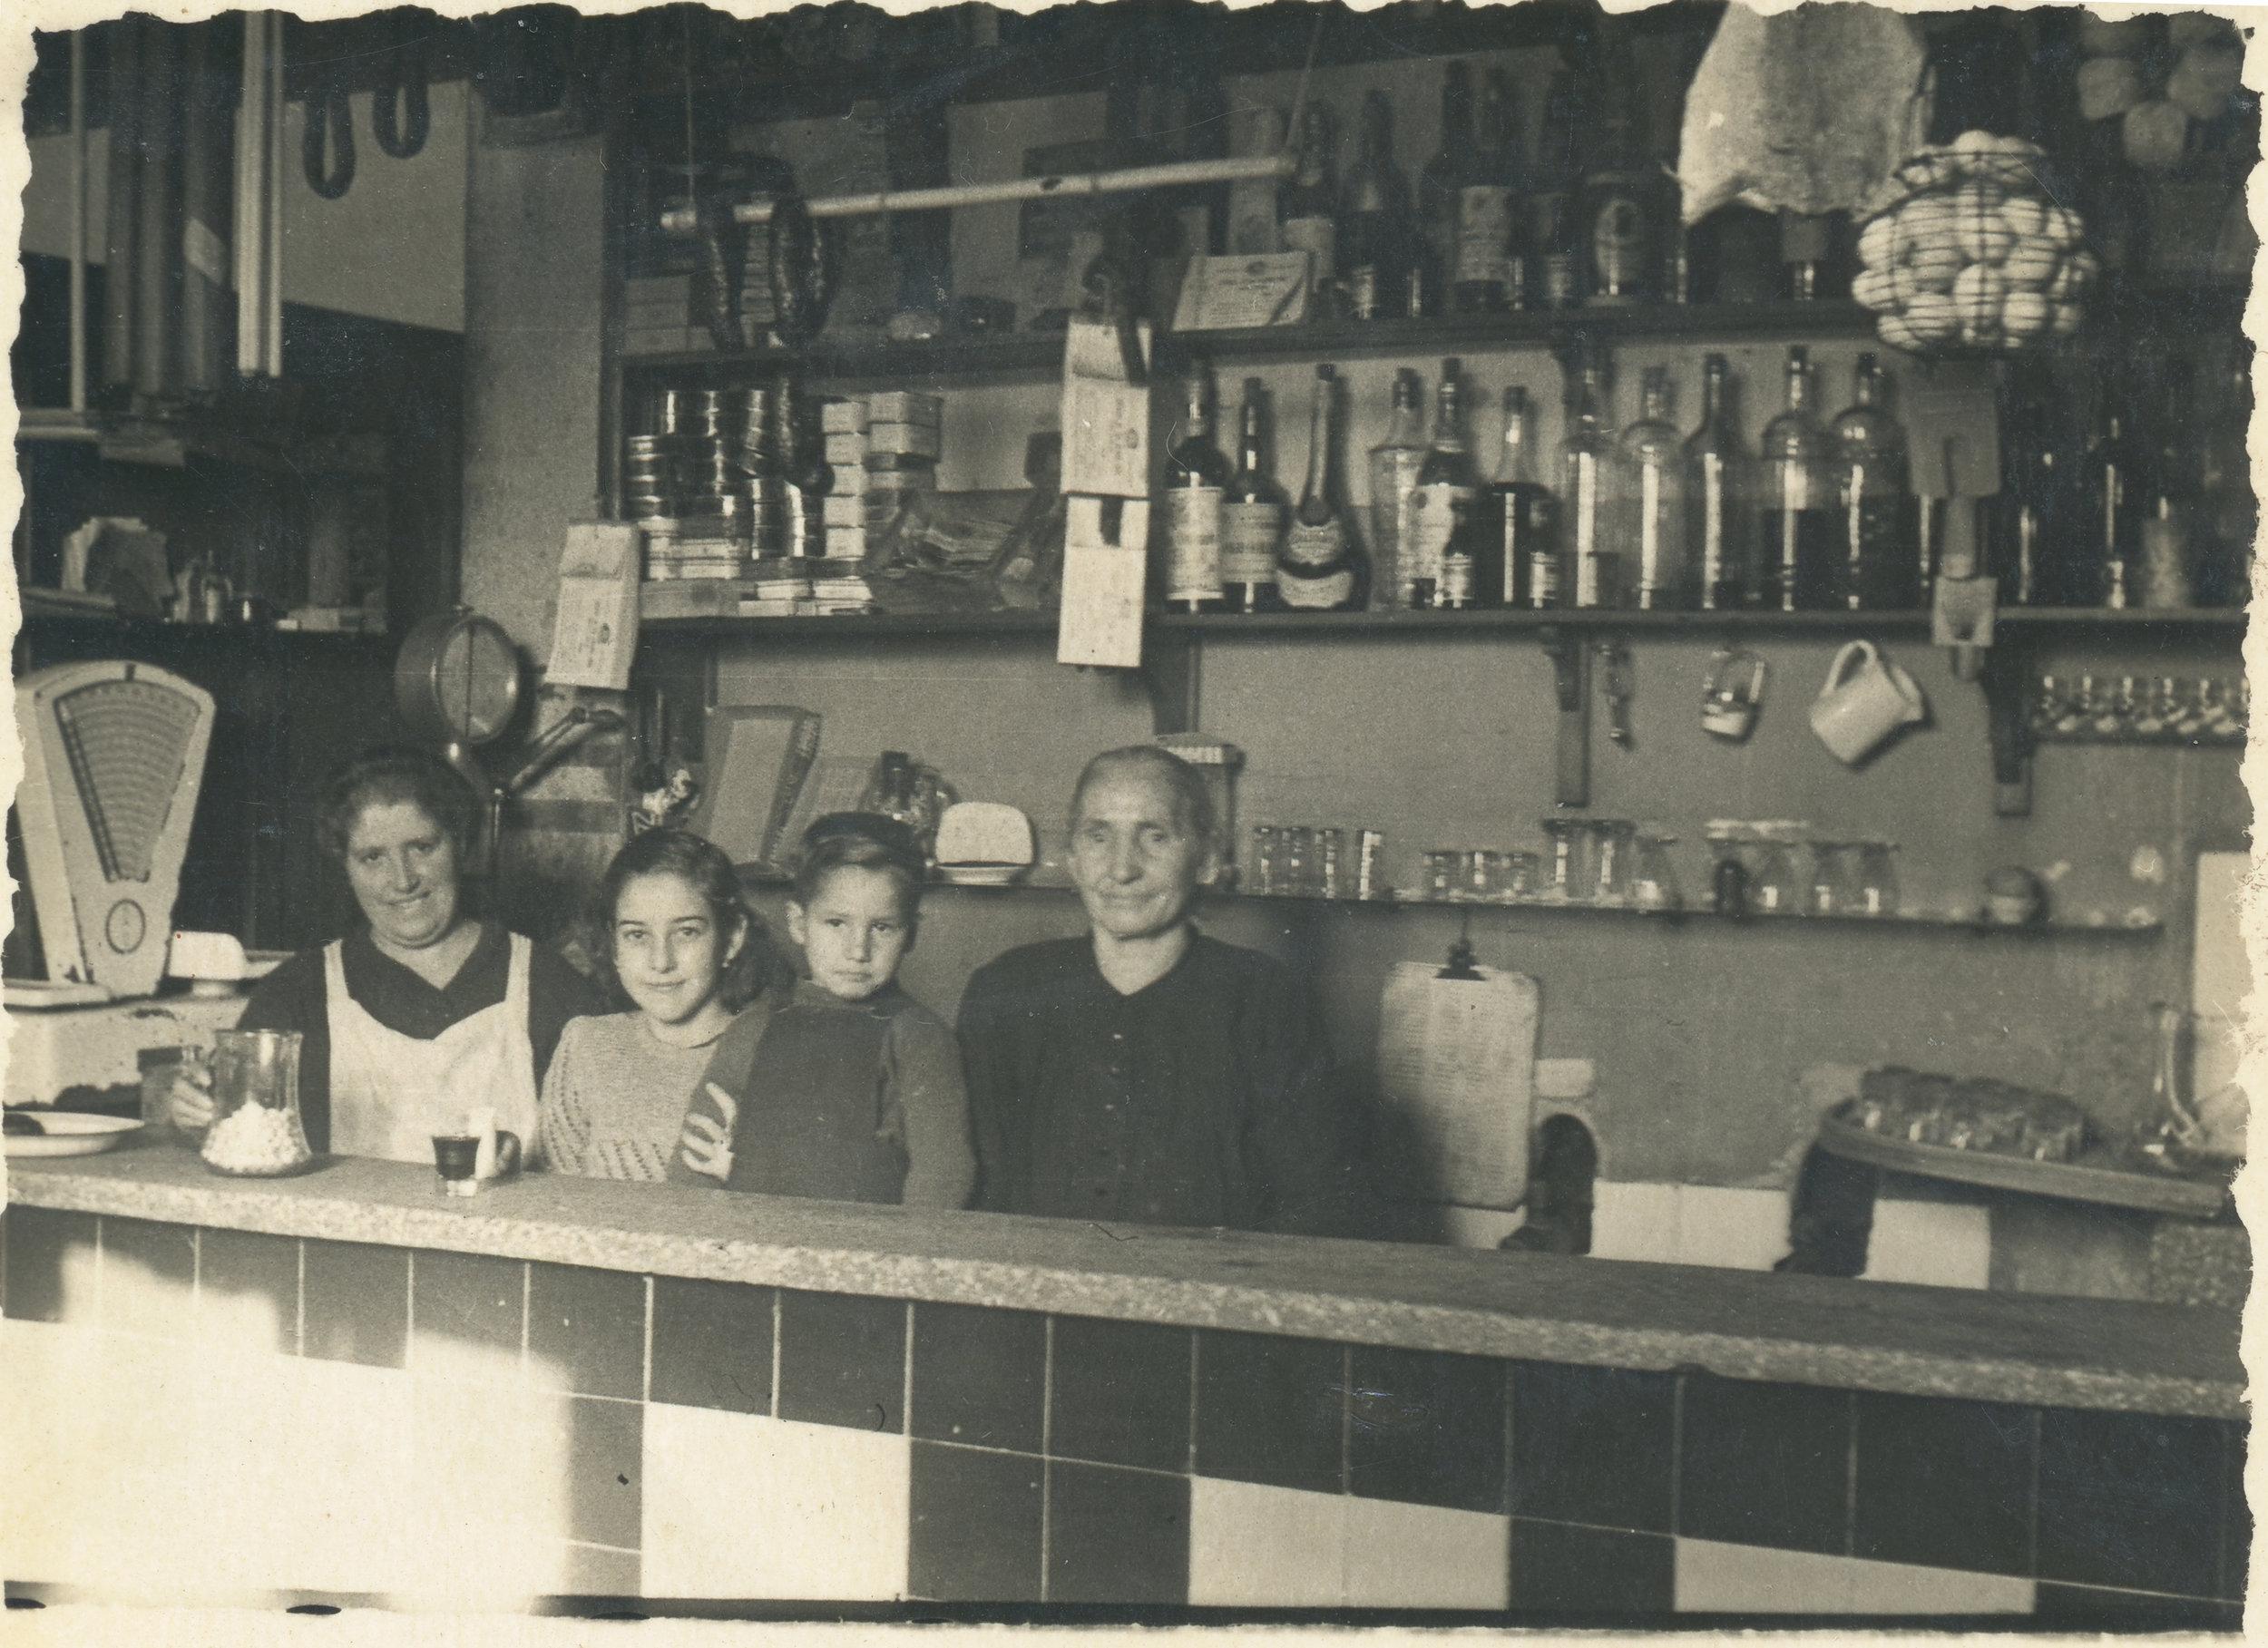 Taberna Remigio de Burgos, que estaba situada en el barrio de Las Huelgas. También tenía ultramarinos y productos alimenticios. Además era taberna de vinos y bebidas refrescantes. Fotografía: Ayto. de Burgos.